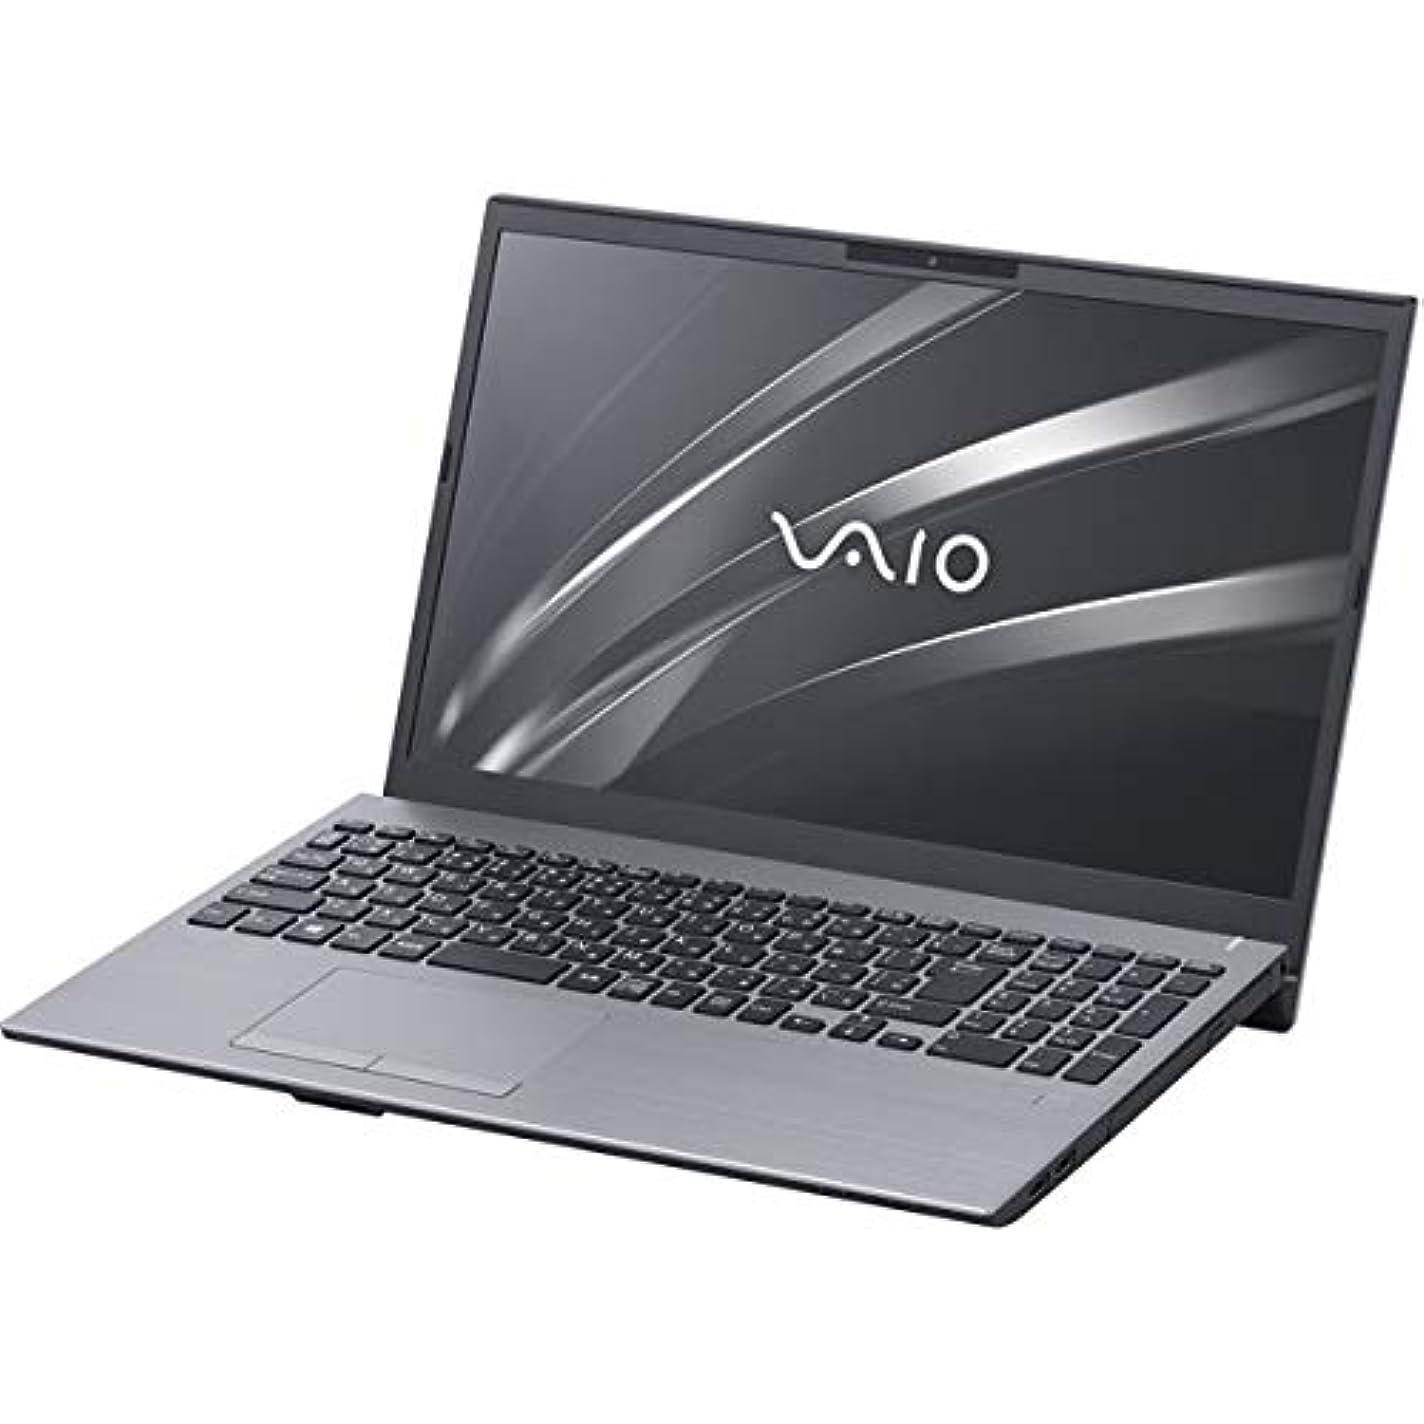 勝利カテナ海賊VAIO 15.6型ノートパソコン VAIO S15 シルバー[第8世代Core i7/メモリ 8GB/SSD 125GB+HDD 1TB/Office H&B 2019] VJS15390211S